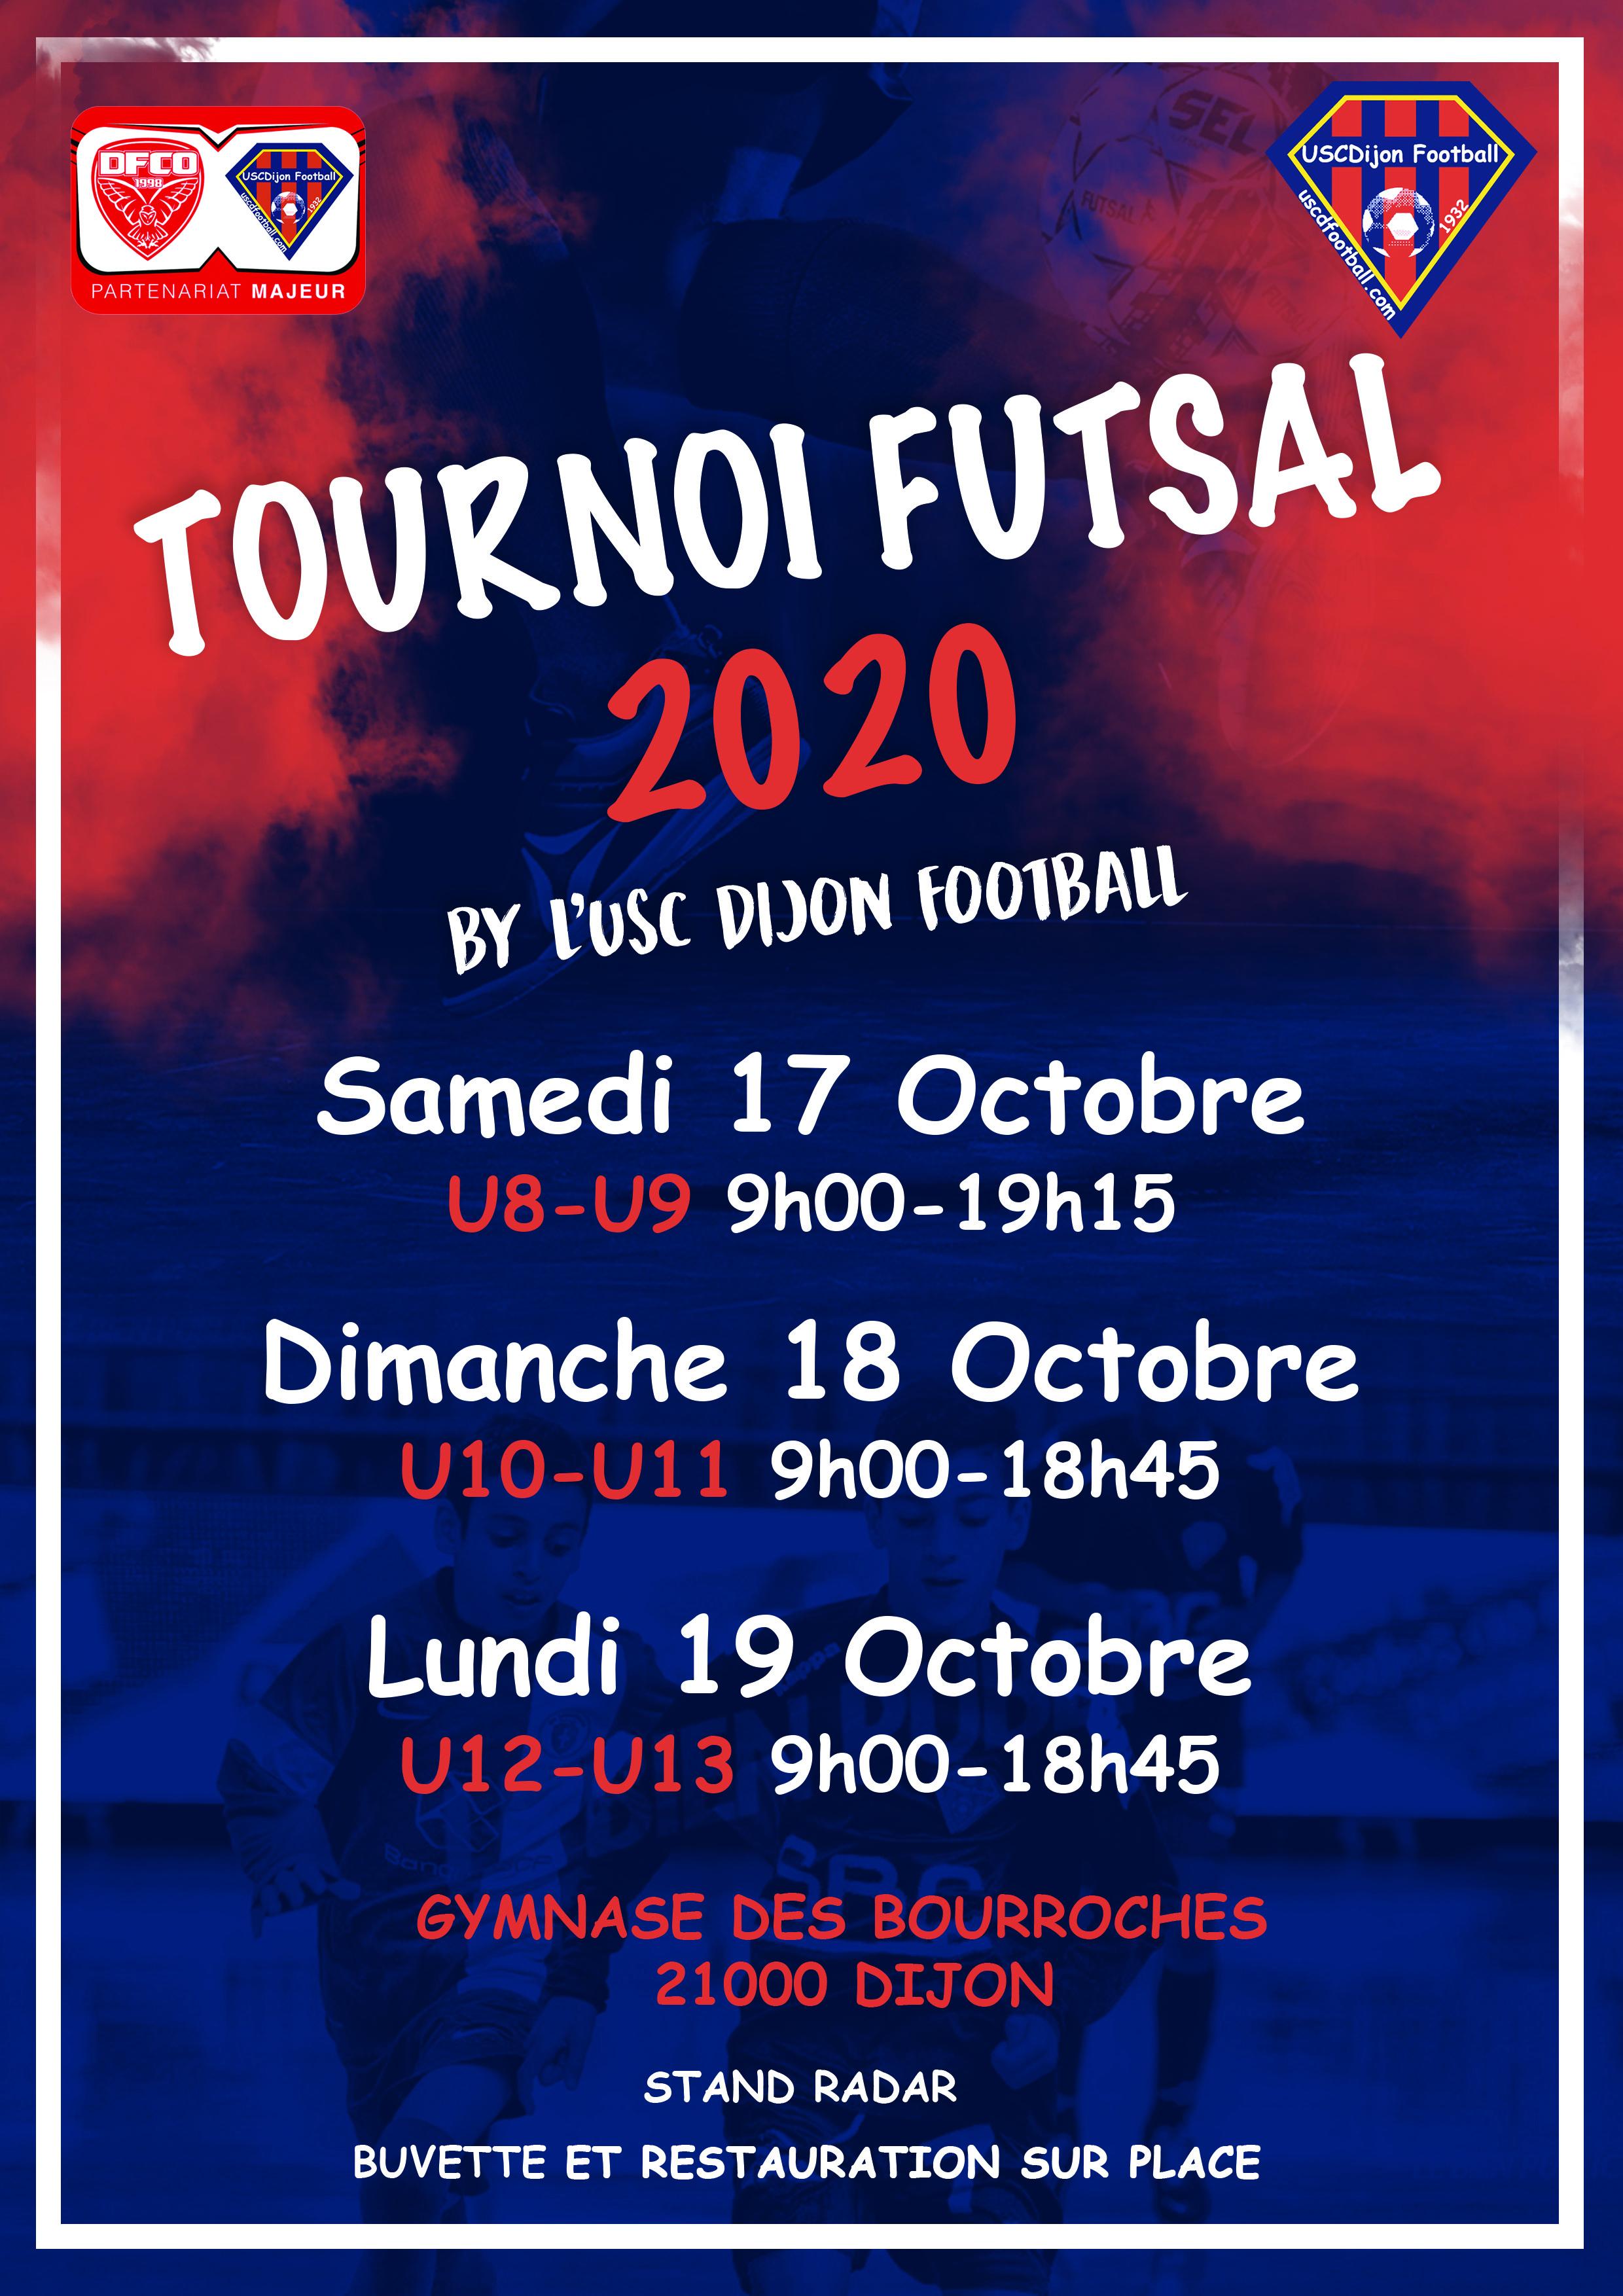 TOURNOI FUTSAL 2020.jpg